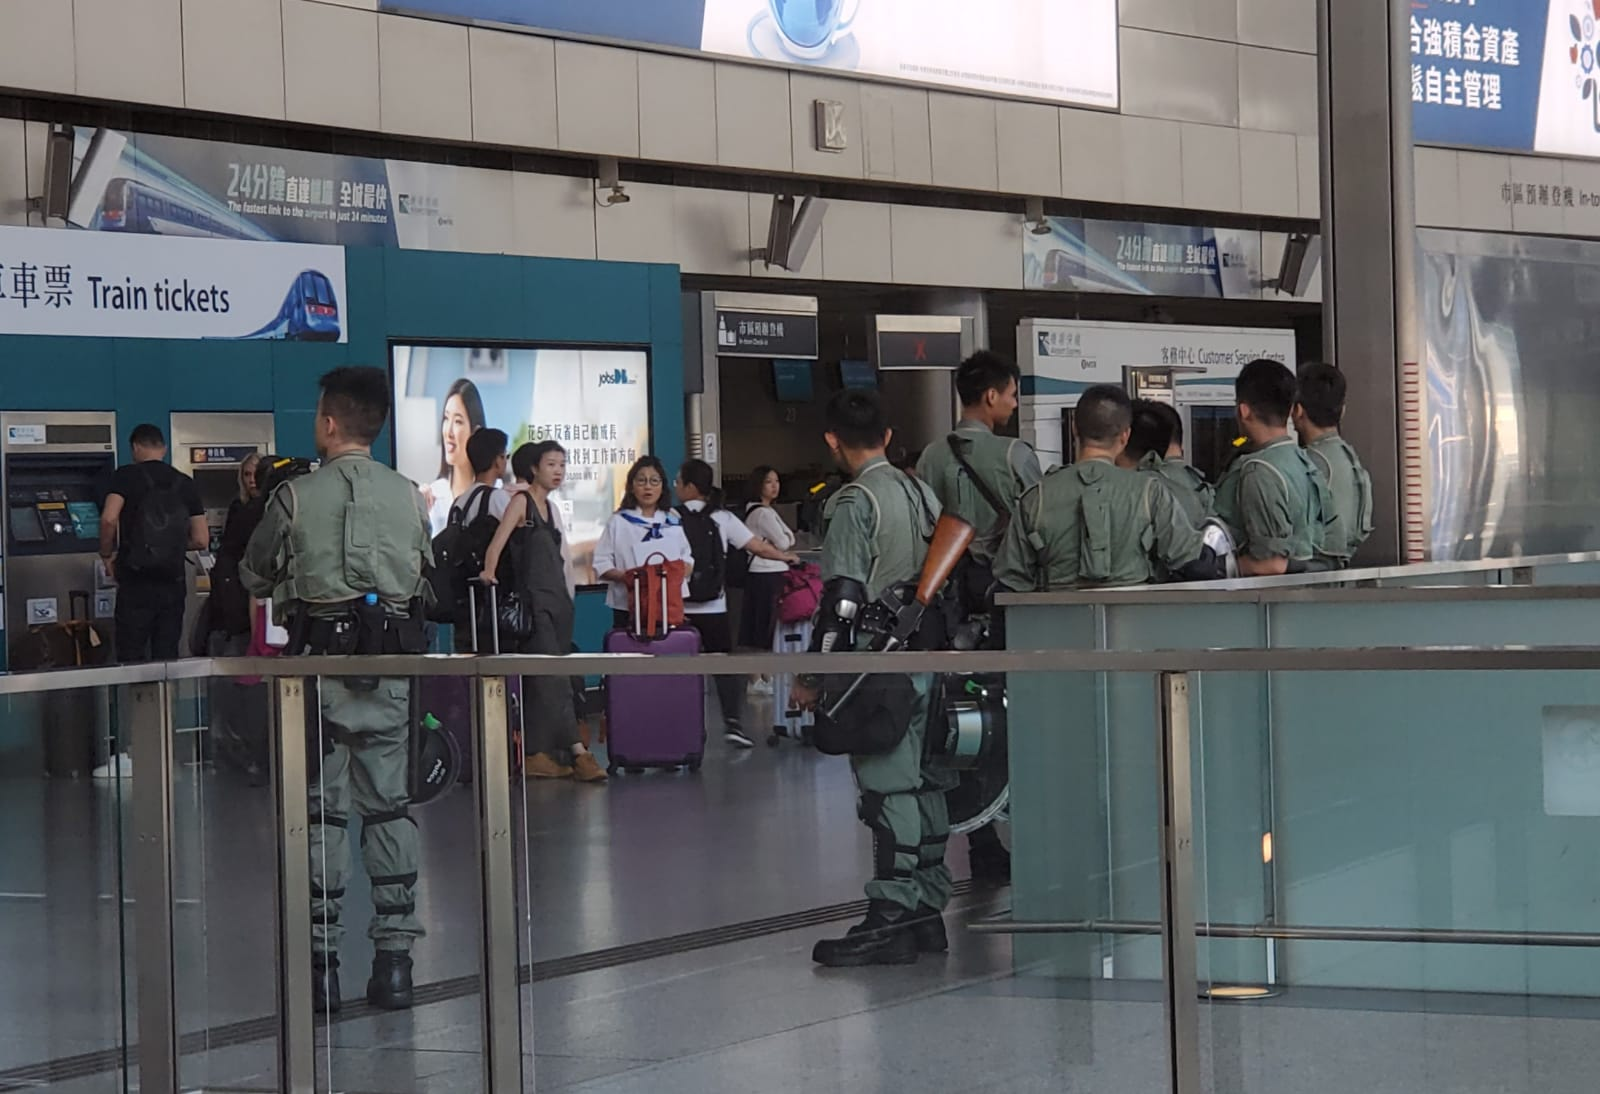 【修例风波】防暴警驻机场戒备 东涌商铺早上如常营业